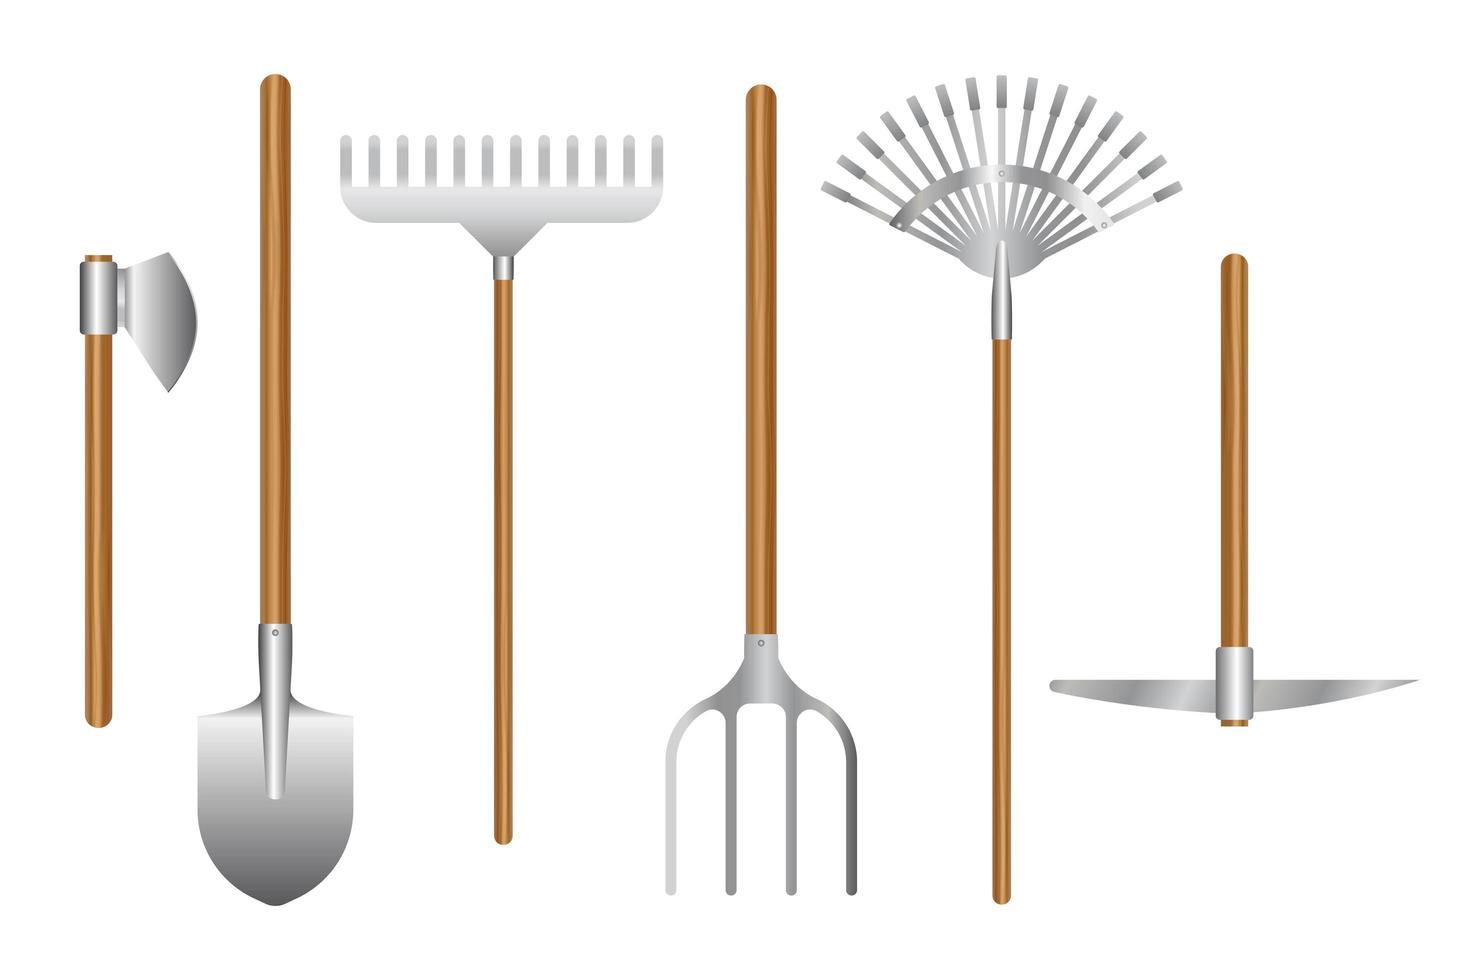 outils de jardinage sur blanc vecteur